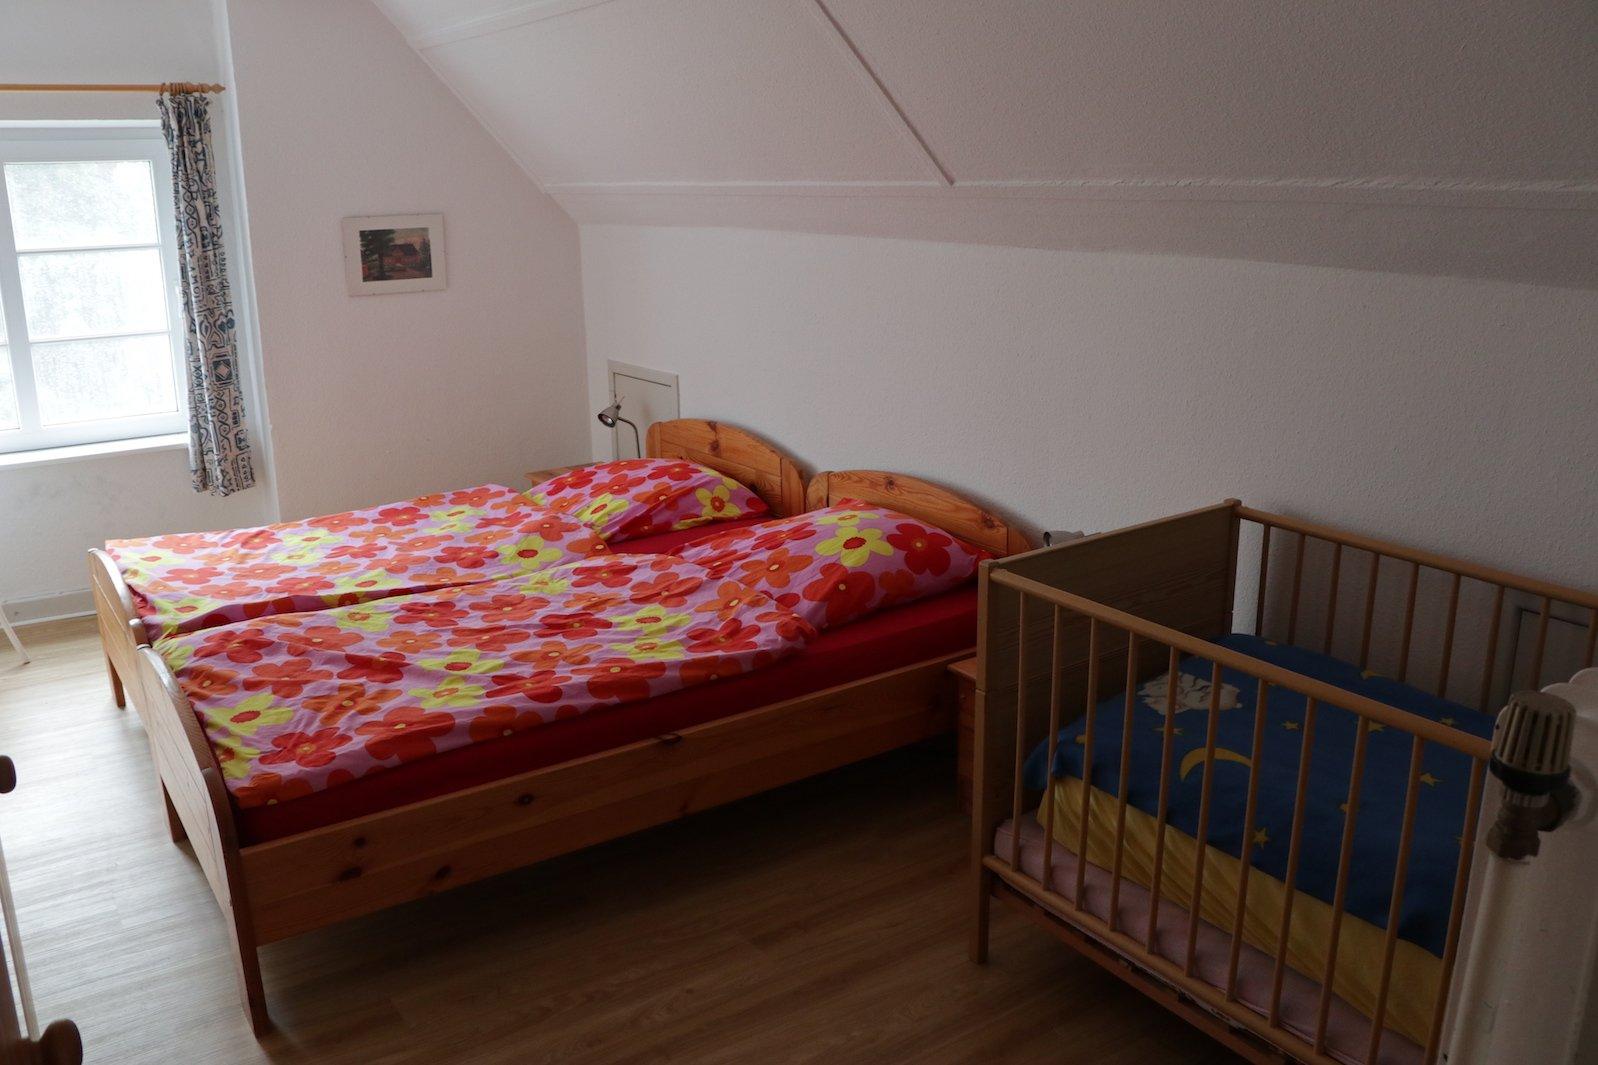 Mein Schlafzimmer mit Doppelbett, indem auch ein Gitterkinderbett steht im Ferienhof Löstrup